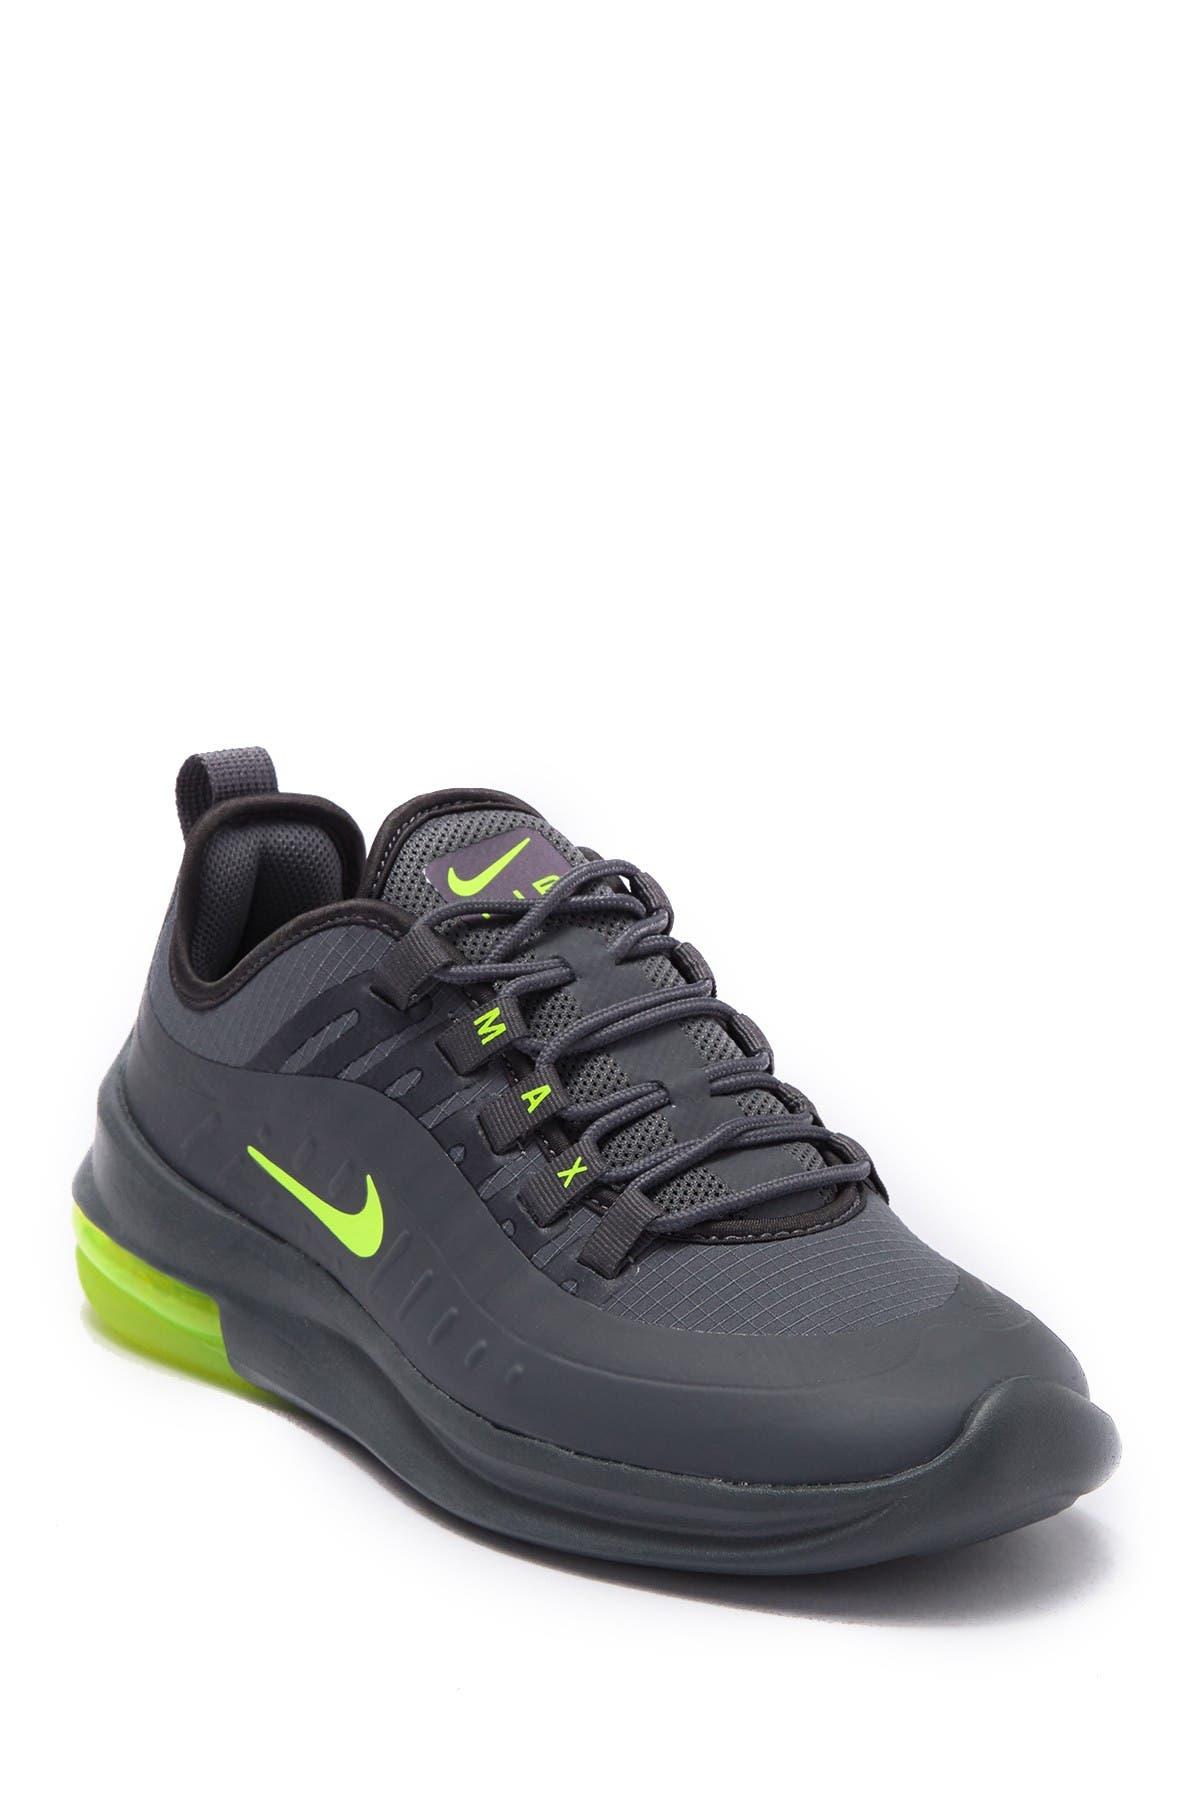 Nike | Air Max Axis Prem Running